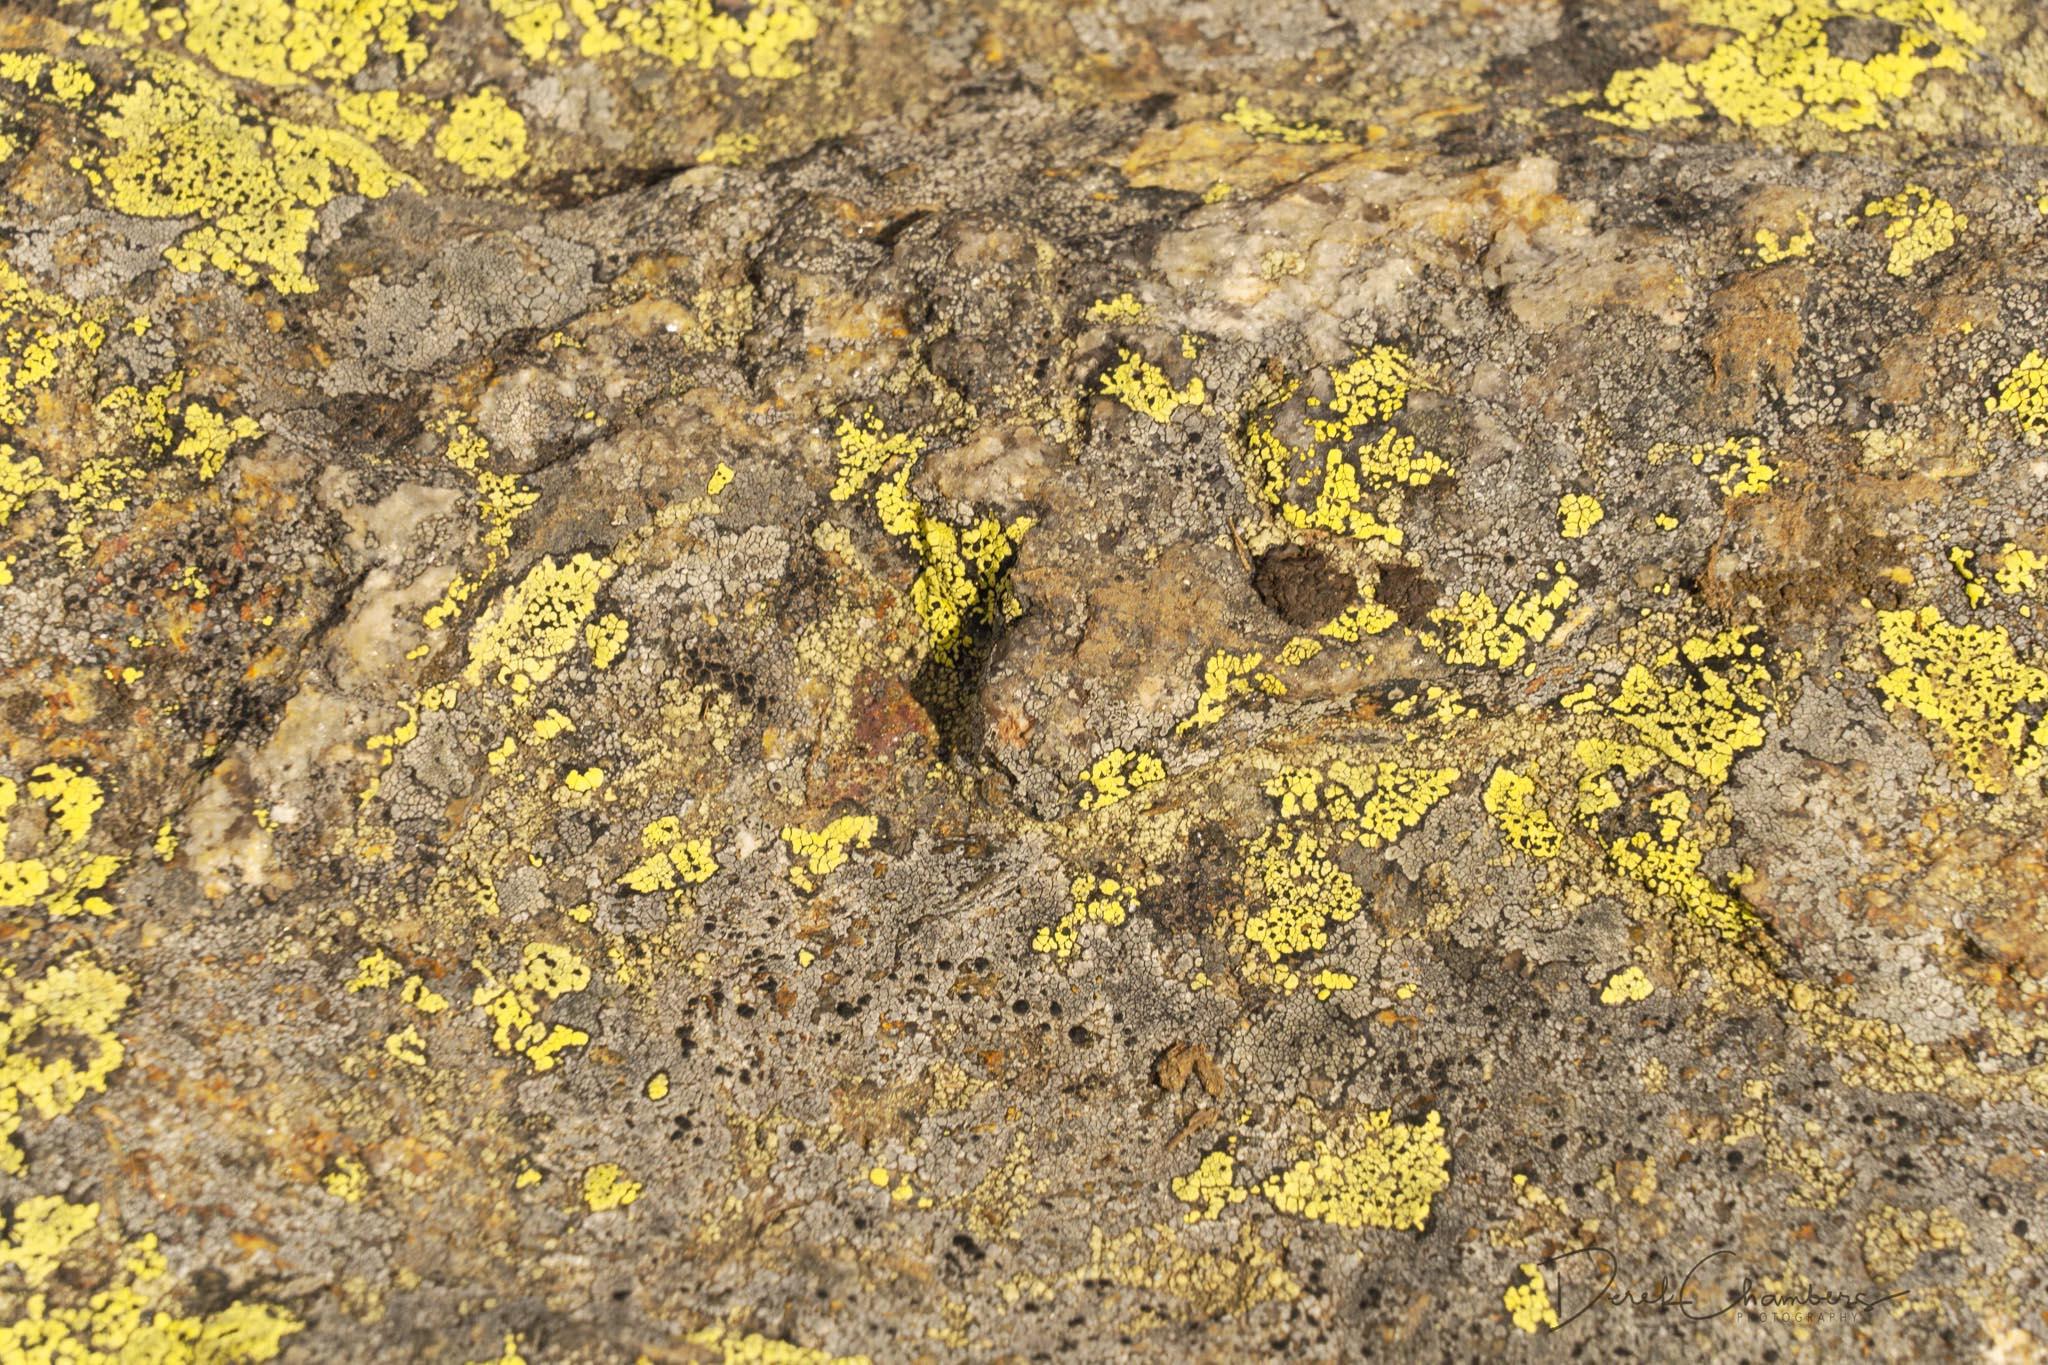 Lichen on the Rock - Trophy Mountain Meadows - Derek Chambers